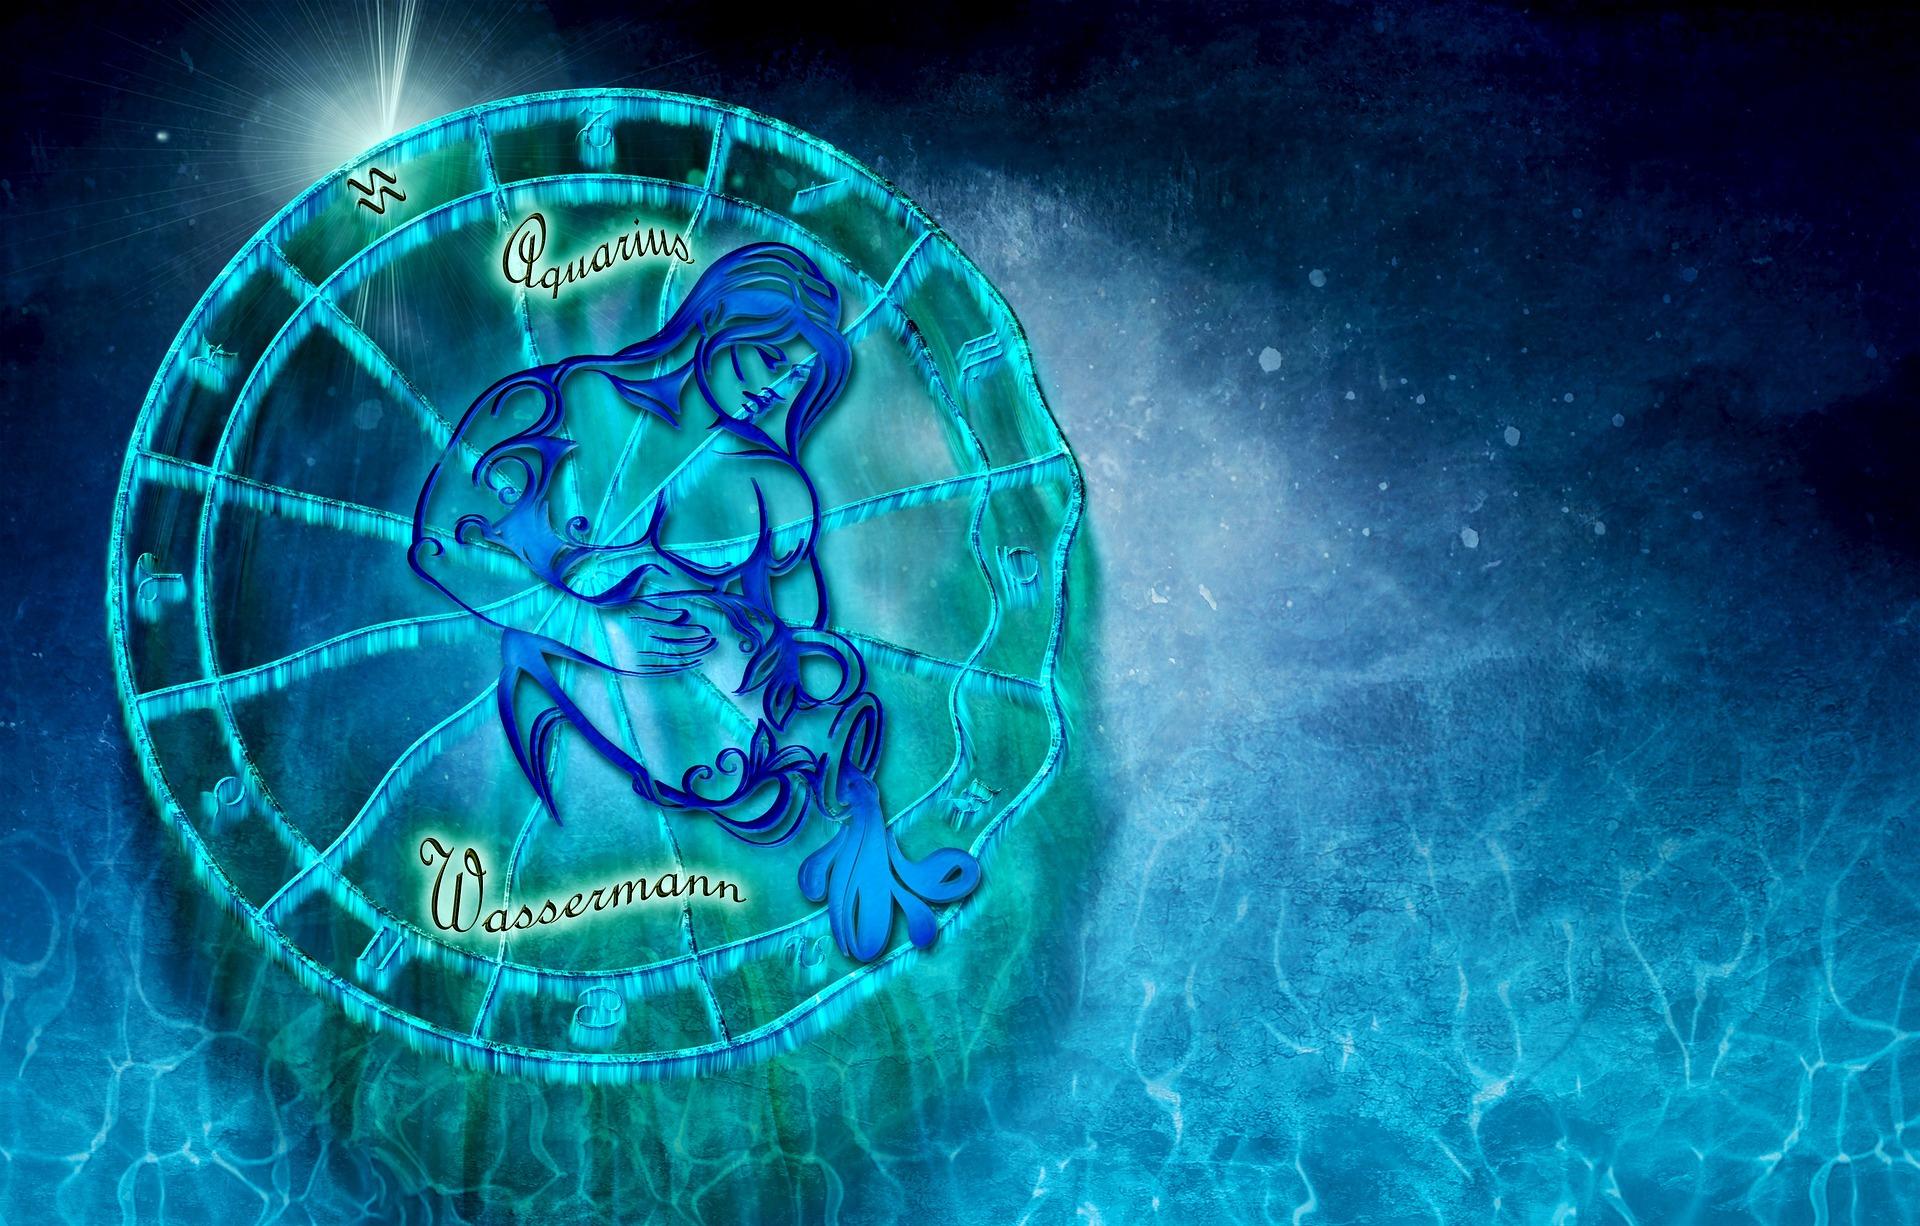 aquarius-2689948_1920